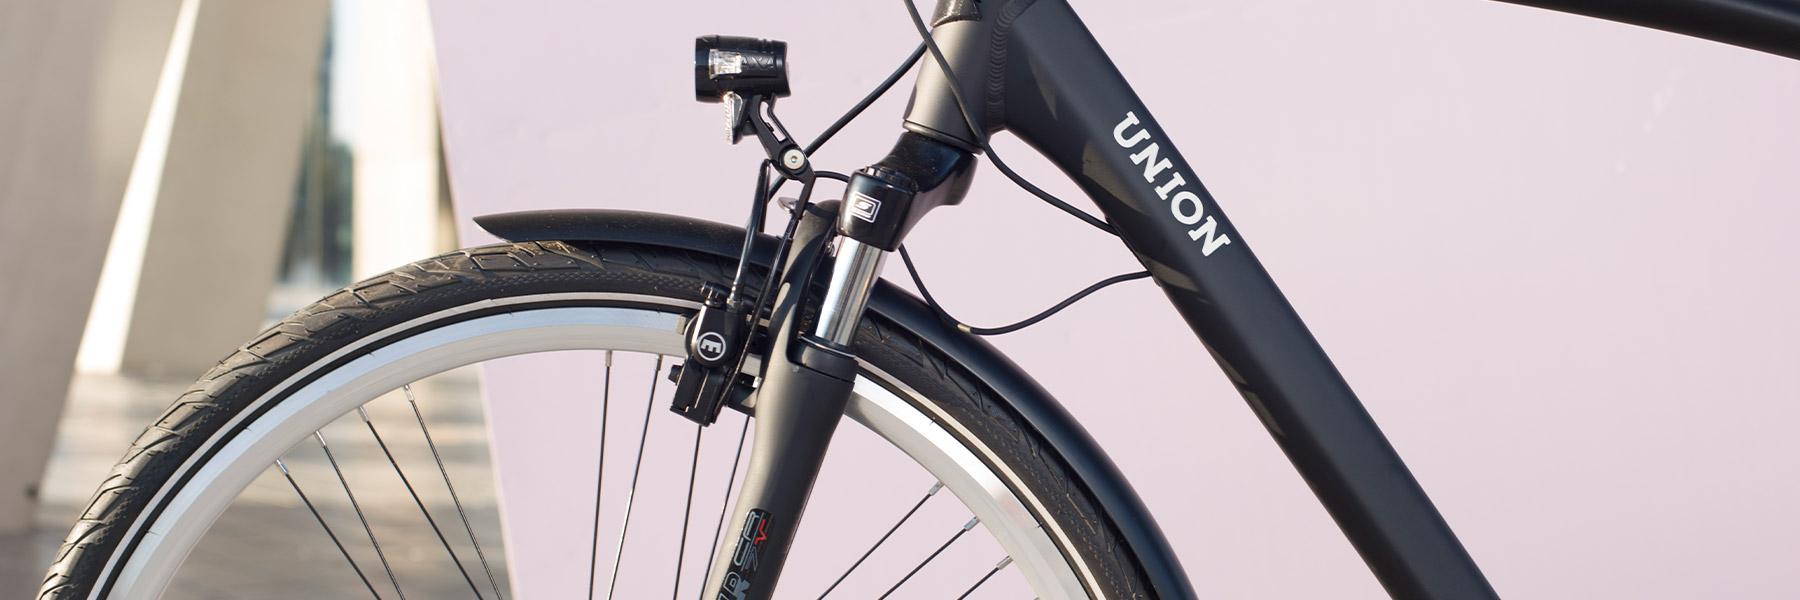 Union E-fast fietsband